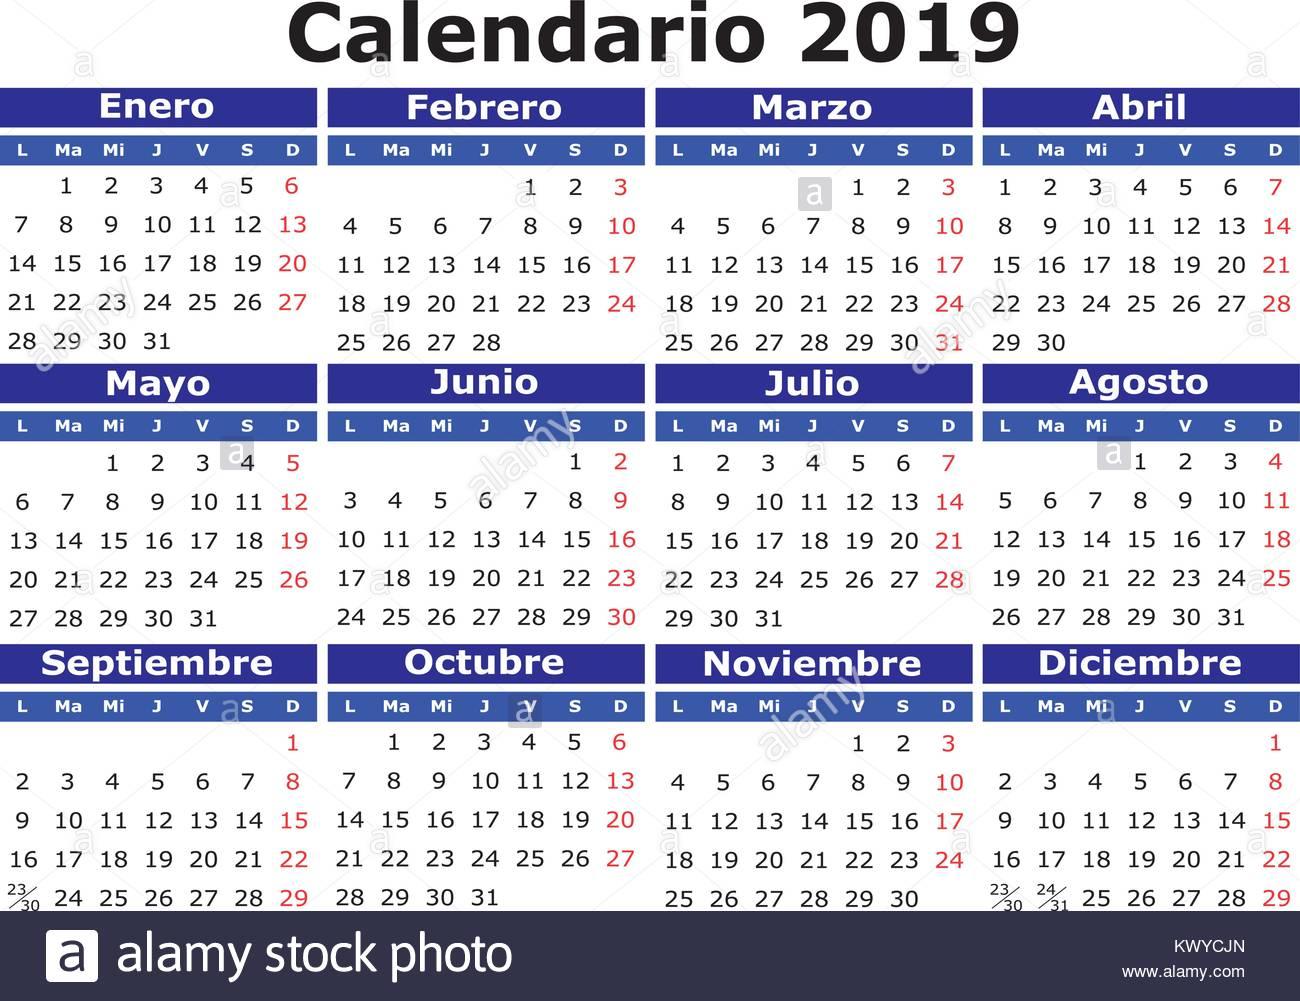 Calendar Zu : Vektor kalender in spanischer sprache leicht zu